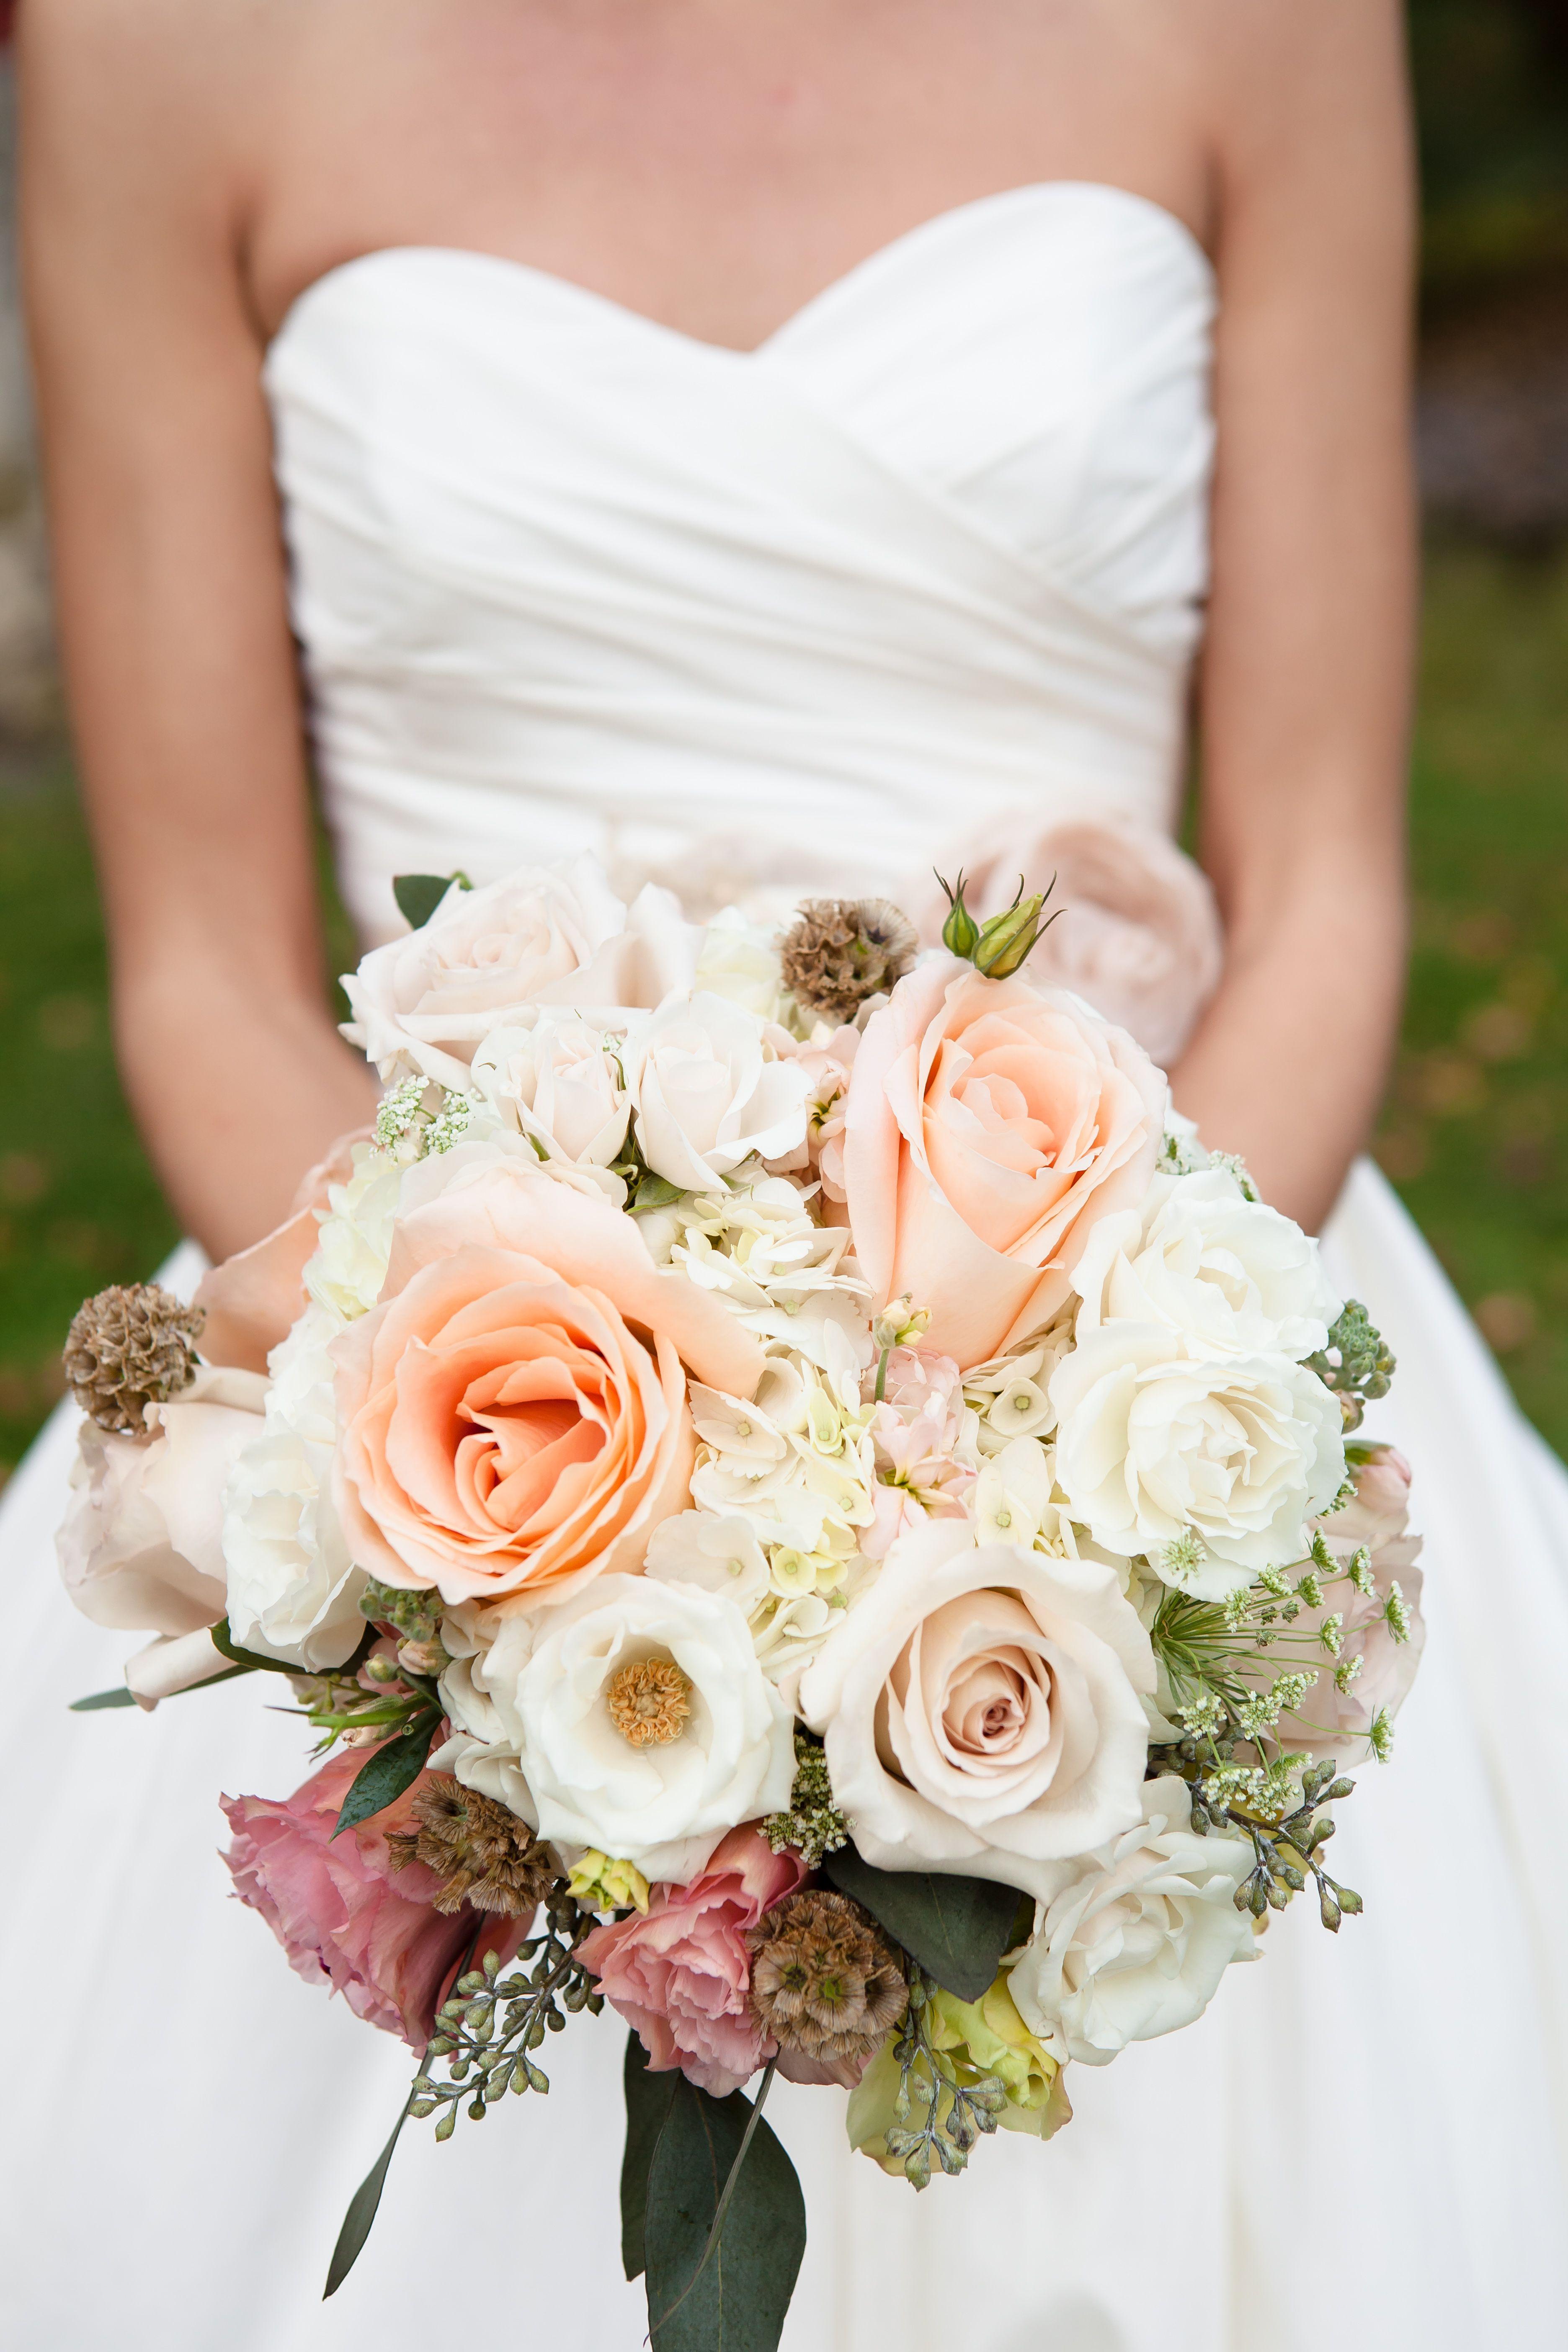 Peach Blush And White Bridal Bouquet Peach Roses White Flowers Organic Wedding Bouquet Peach Wedding Flowers White Bridal Bouquet White Bouquet